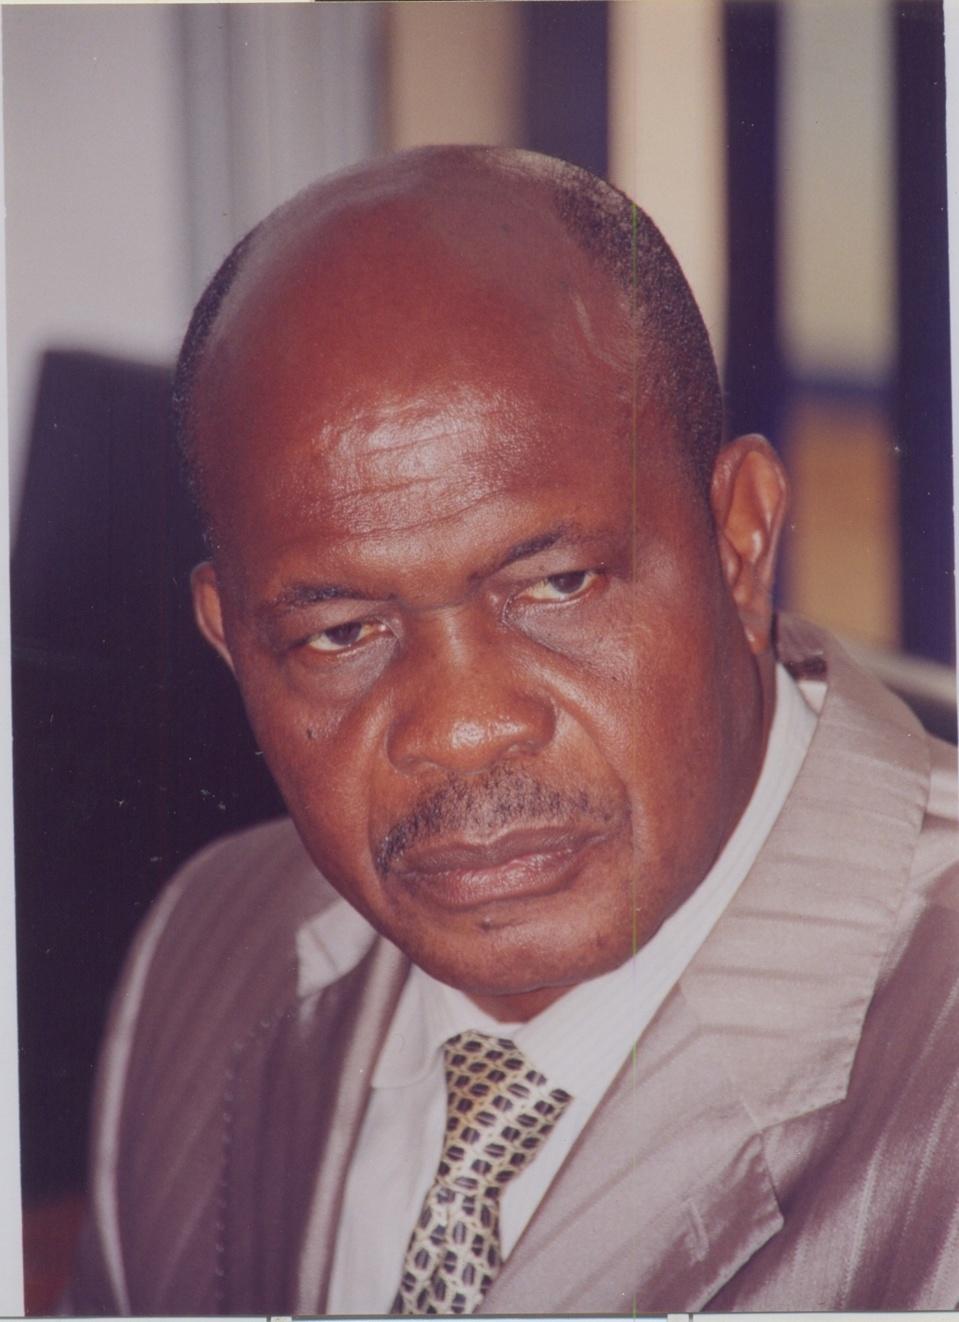 Centrafrique : Déclaration de candidature de Mrs Jean Serges WAFIO à la présidence de la transition